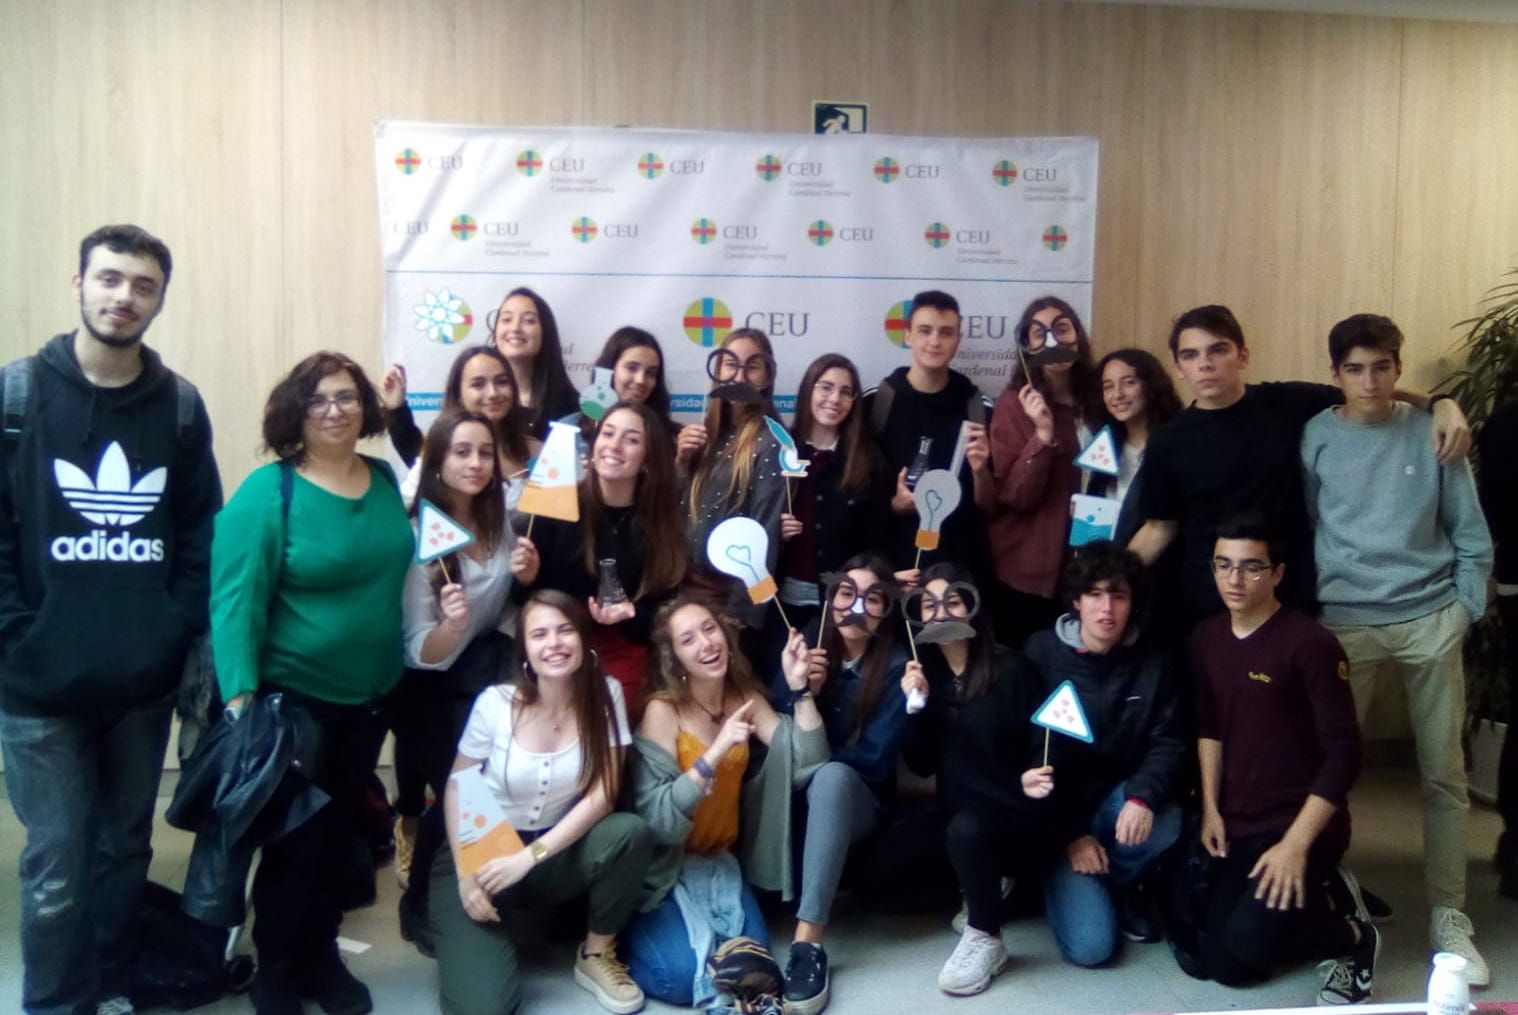 Estudiantes del Colegio San Pedro Pascual, participantes en el proyecto SWICEU.